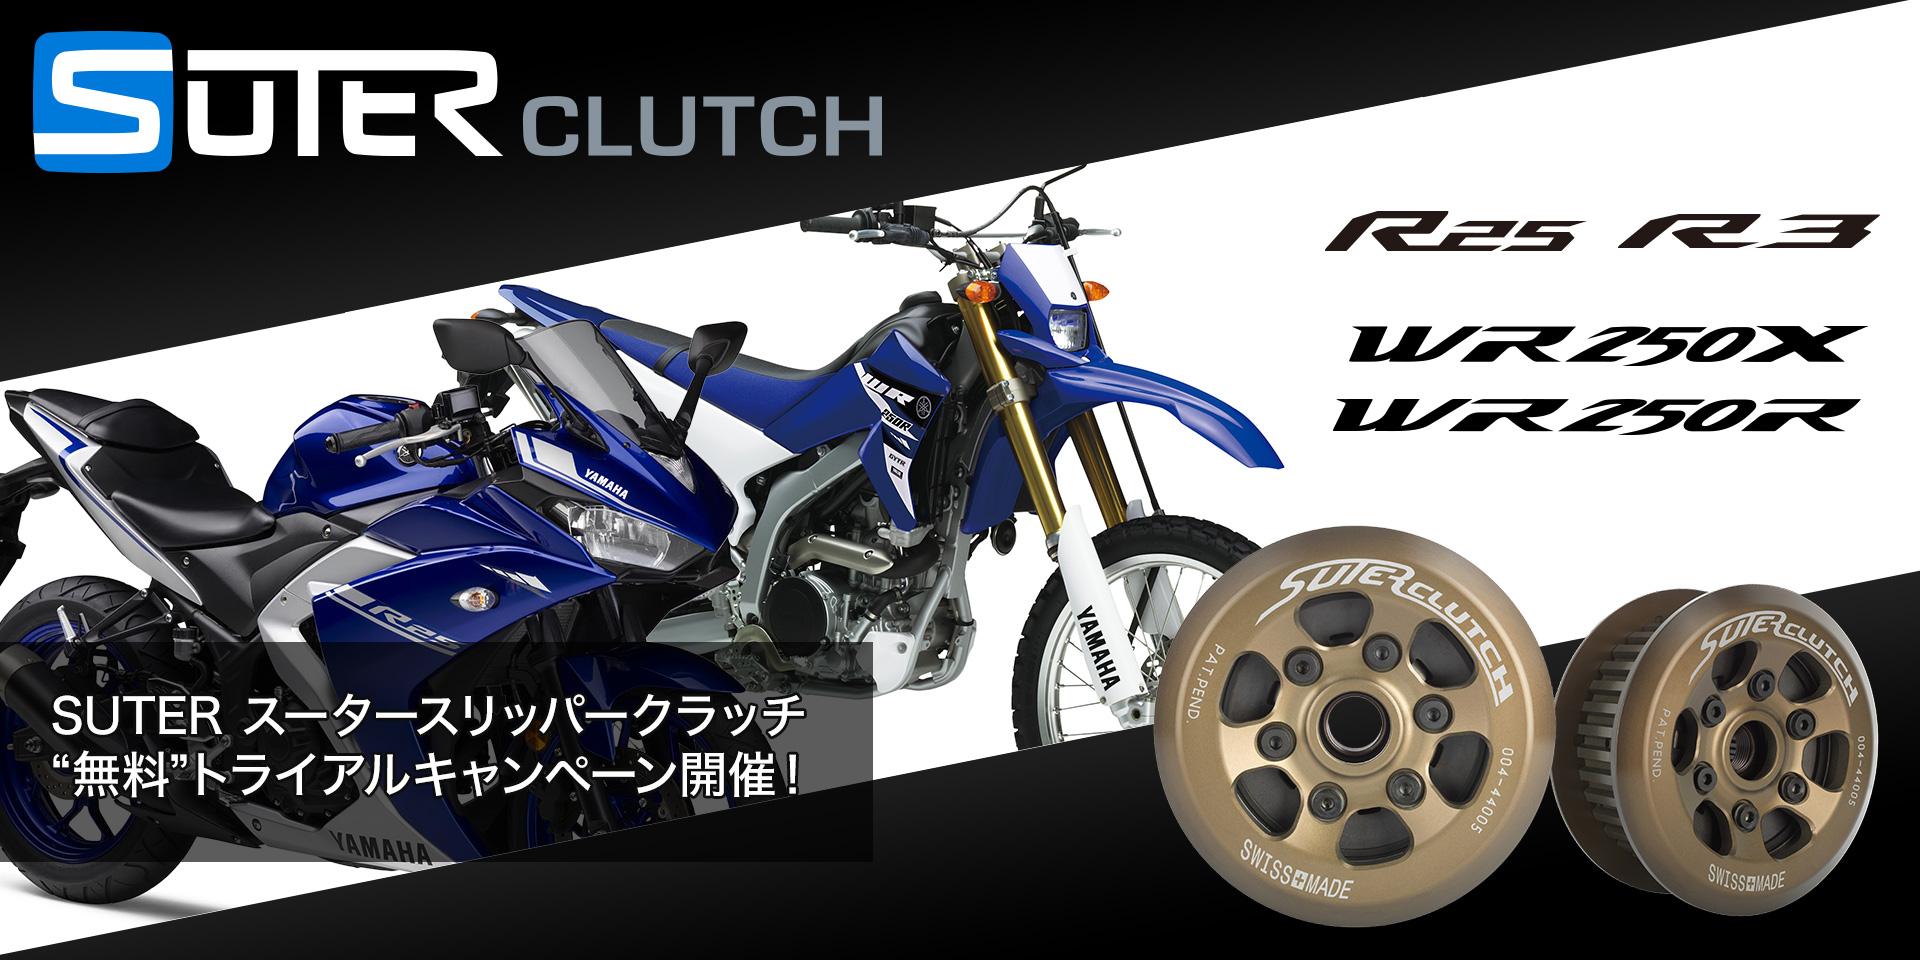 R25/R3 WR250X/R 限定 SUTERスリッパークラッチ無料トライアルキャンペーン開催